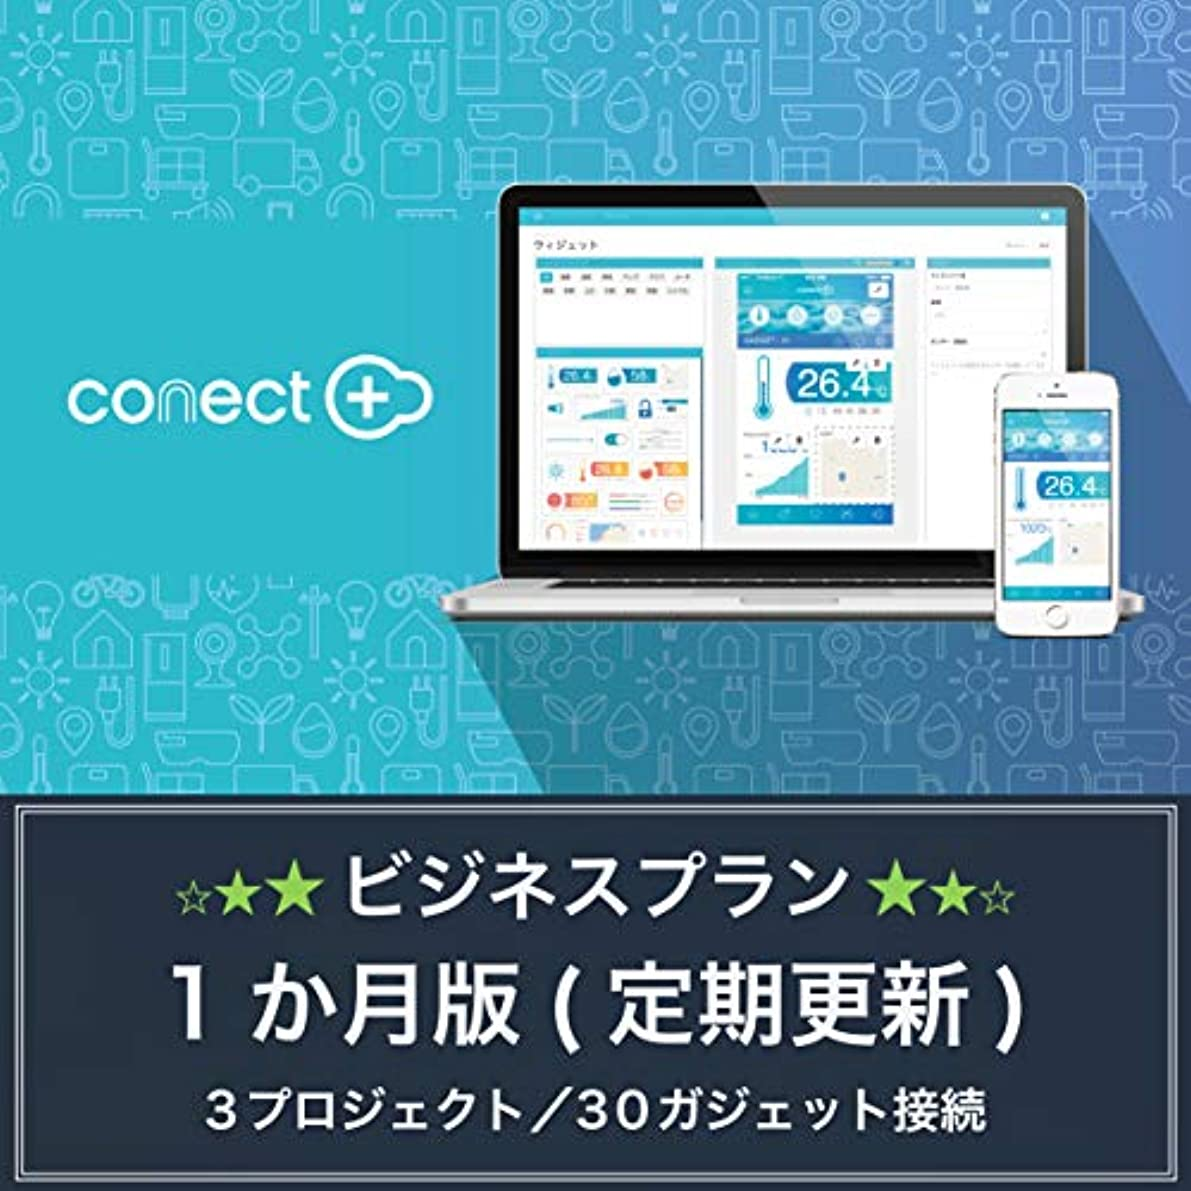 クレアベーシックゲストconect+ BUSINESS PLAN | 1ヶ月プラン | 3プロジェクト/30ガジェット接続 | サブスクリプション(定期更新)